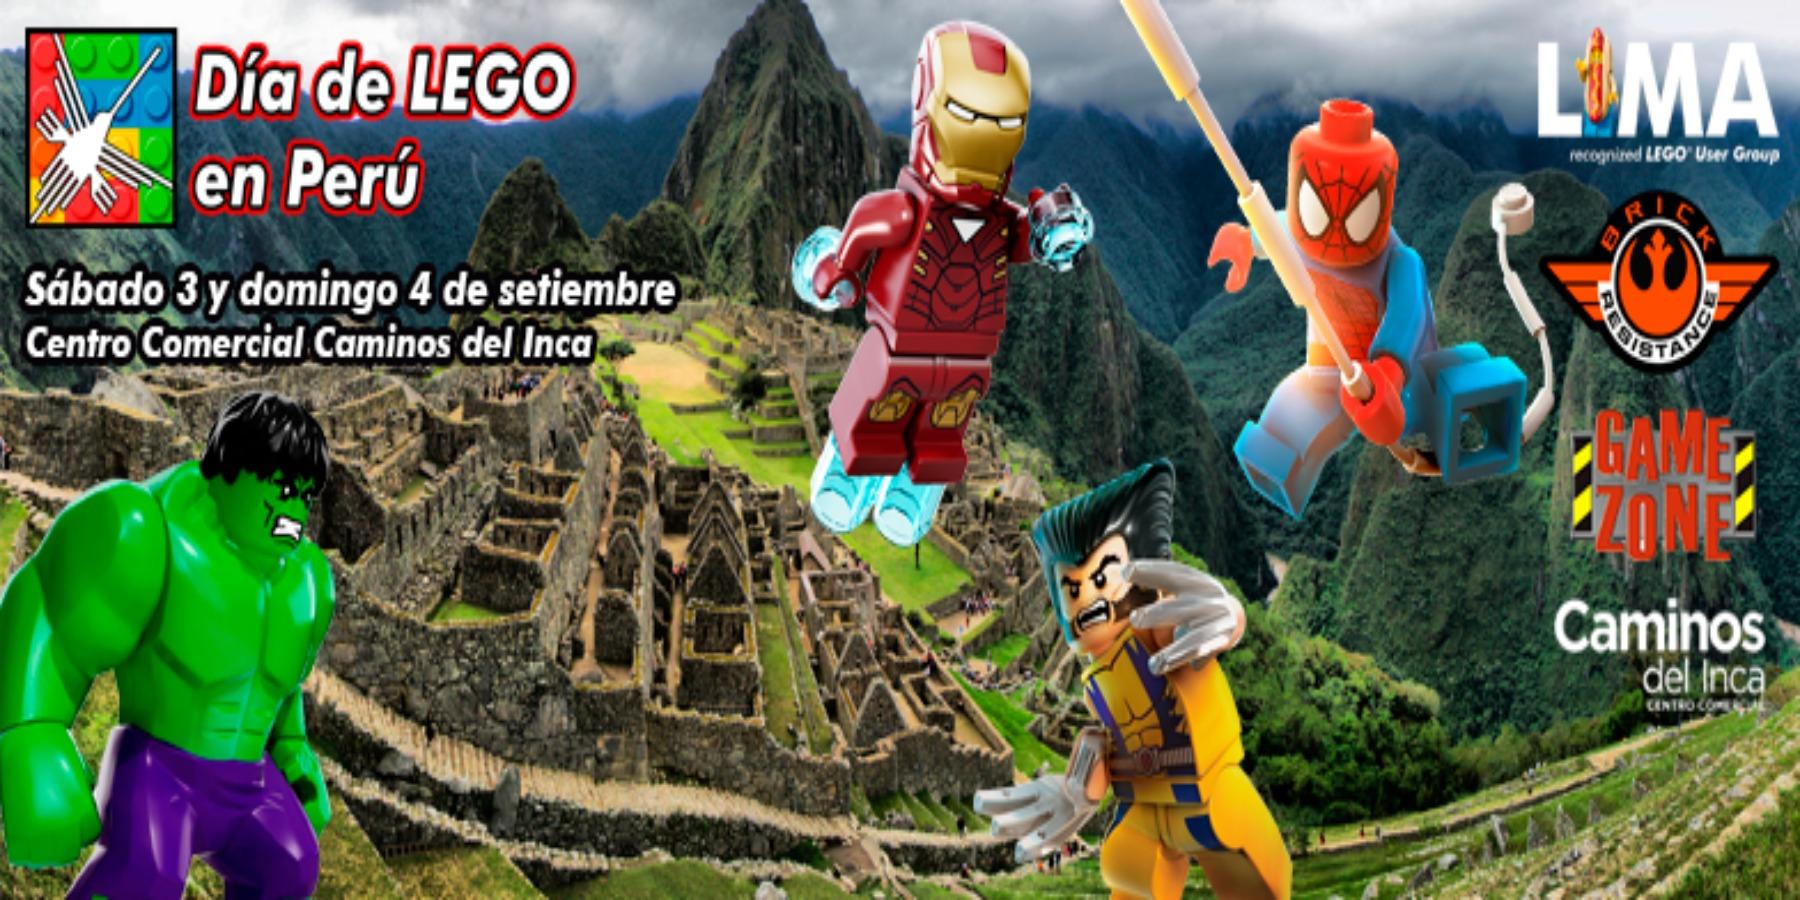 Día de Lego en Perú 2016